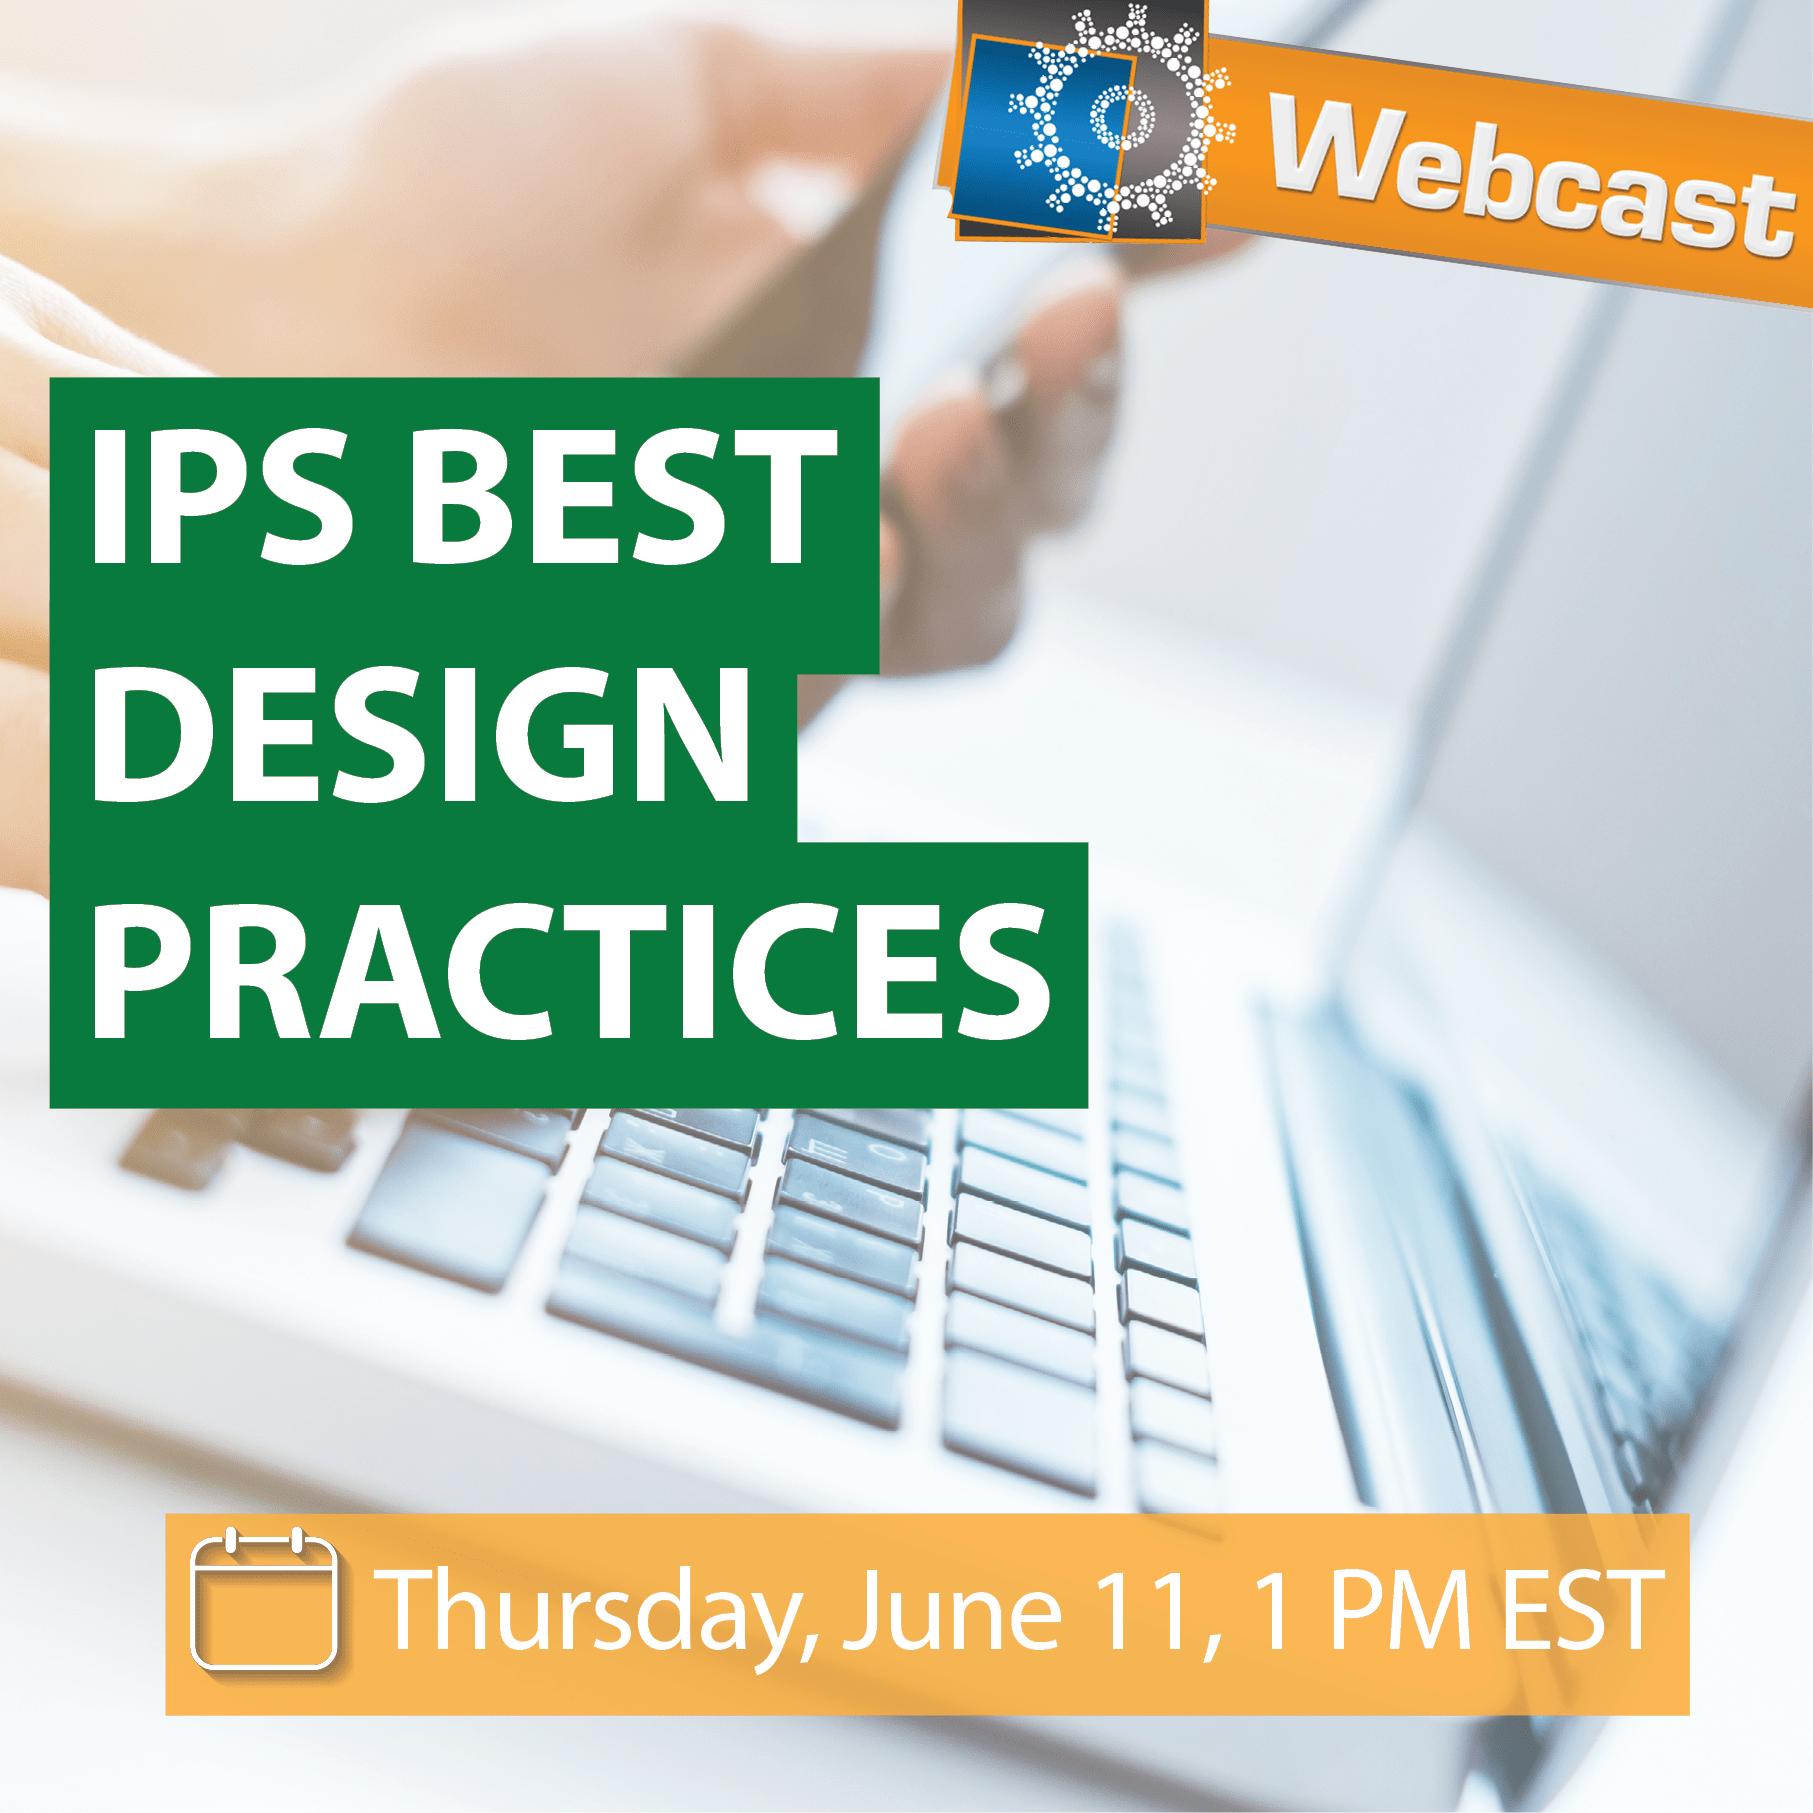 Webcast: IPS Best Design Practices